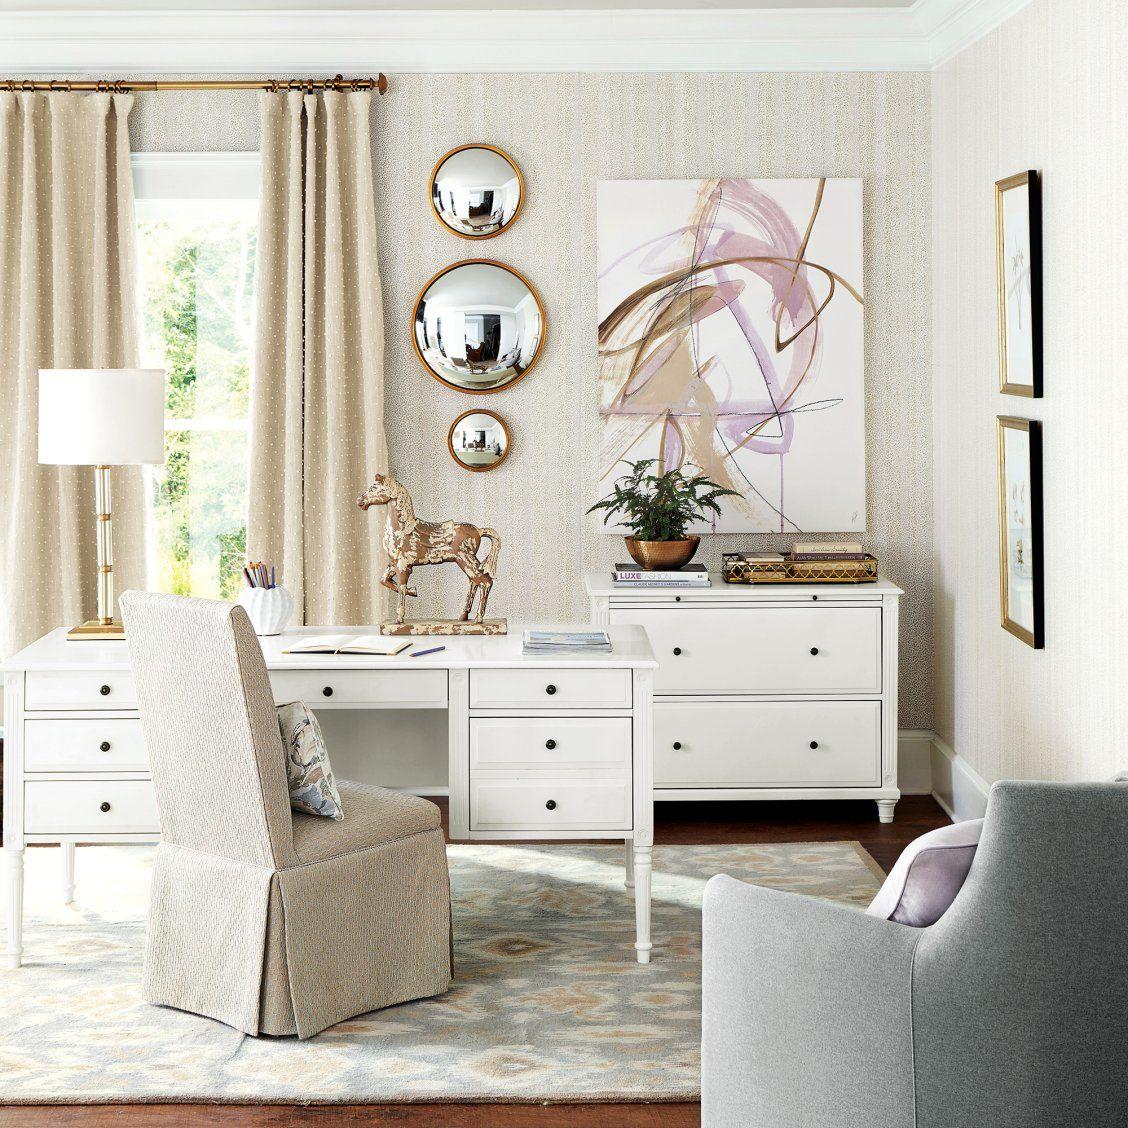 Ava Convex Wall Mirror in 2020 | Home, Ballard designs, Decor